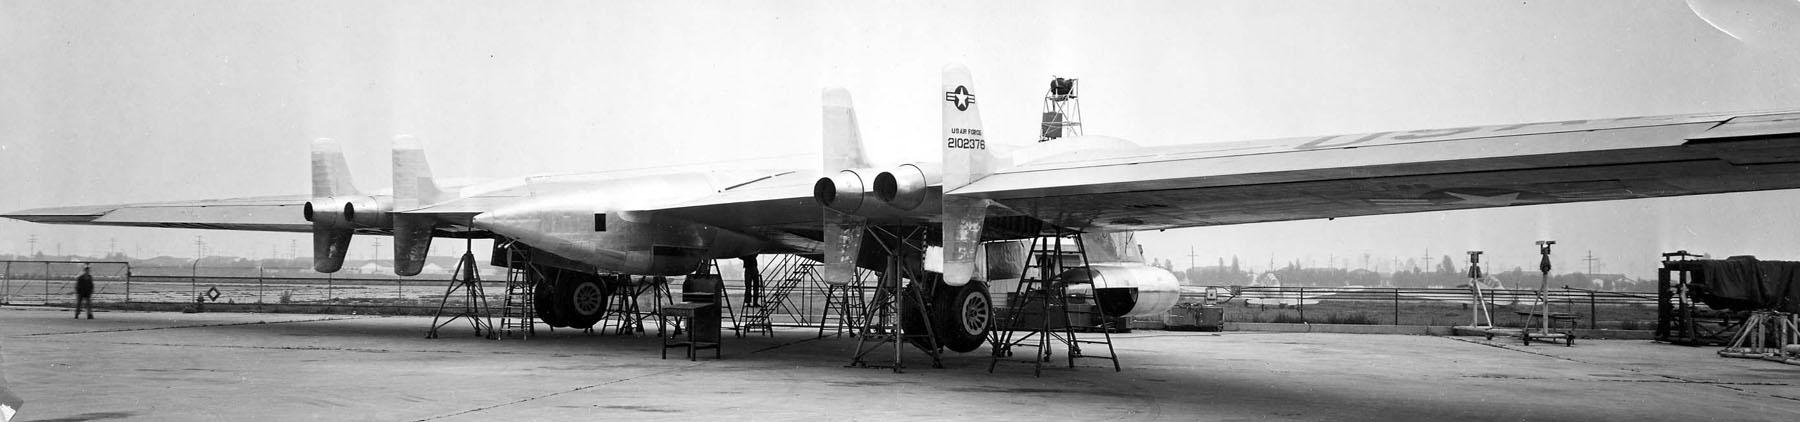 Northrop YRB-49A